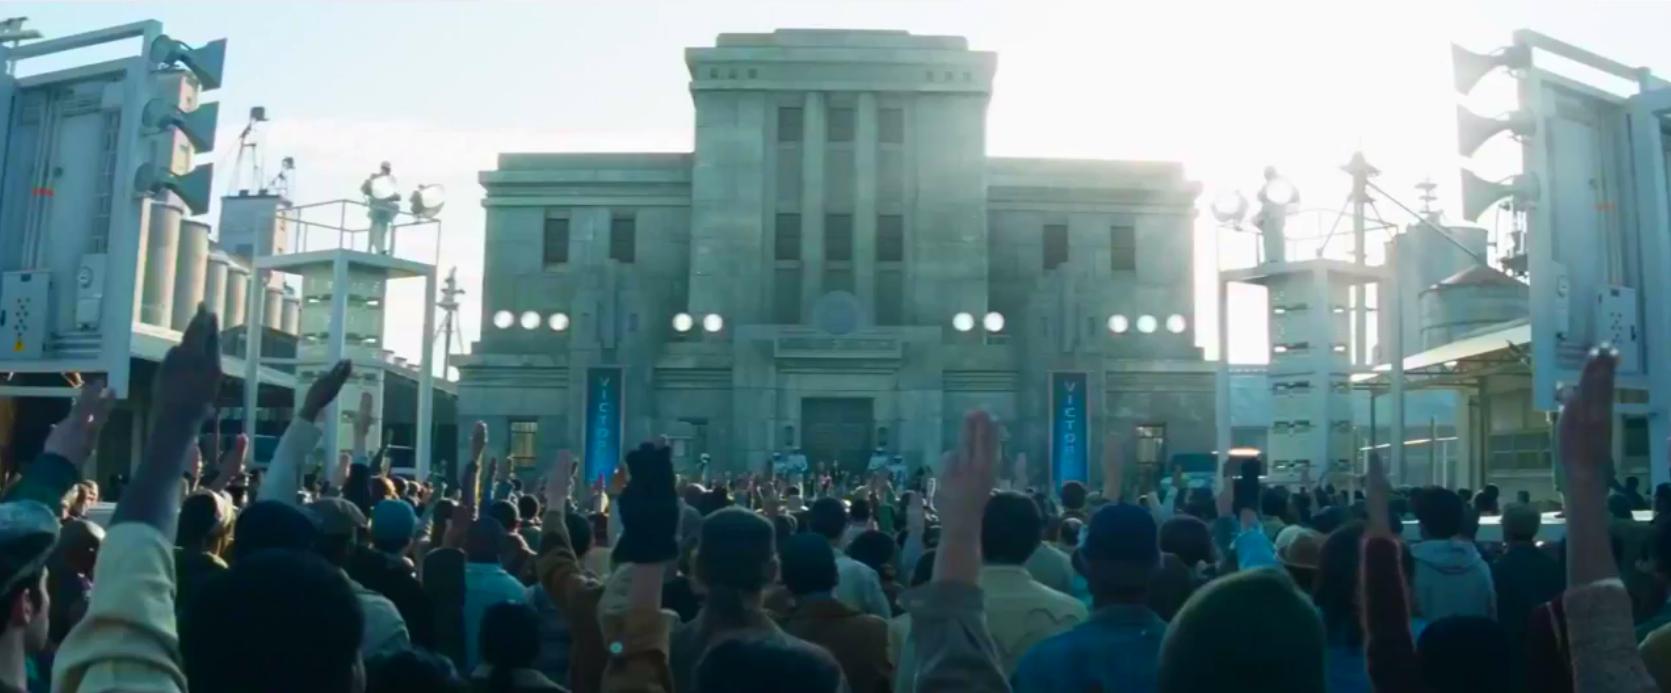 Signo De Respeto Del Distrito 12 Wiki The Hunger Games Fandom